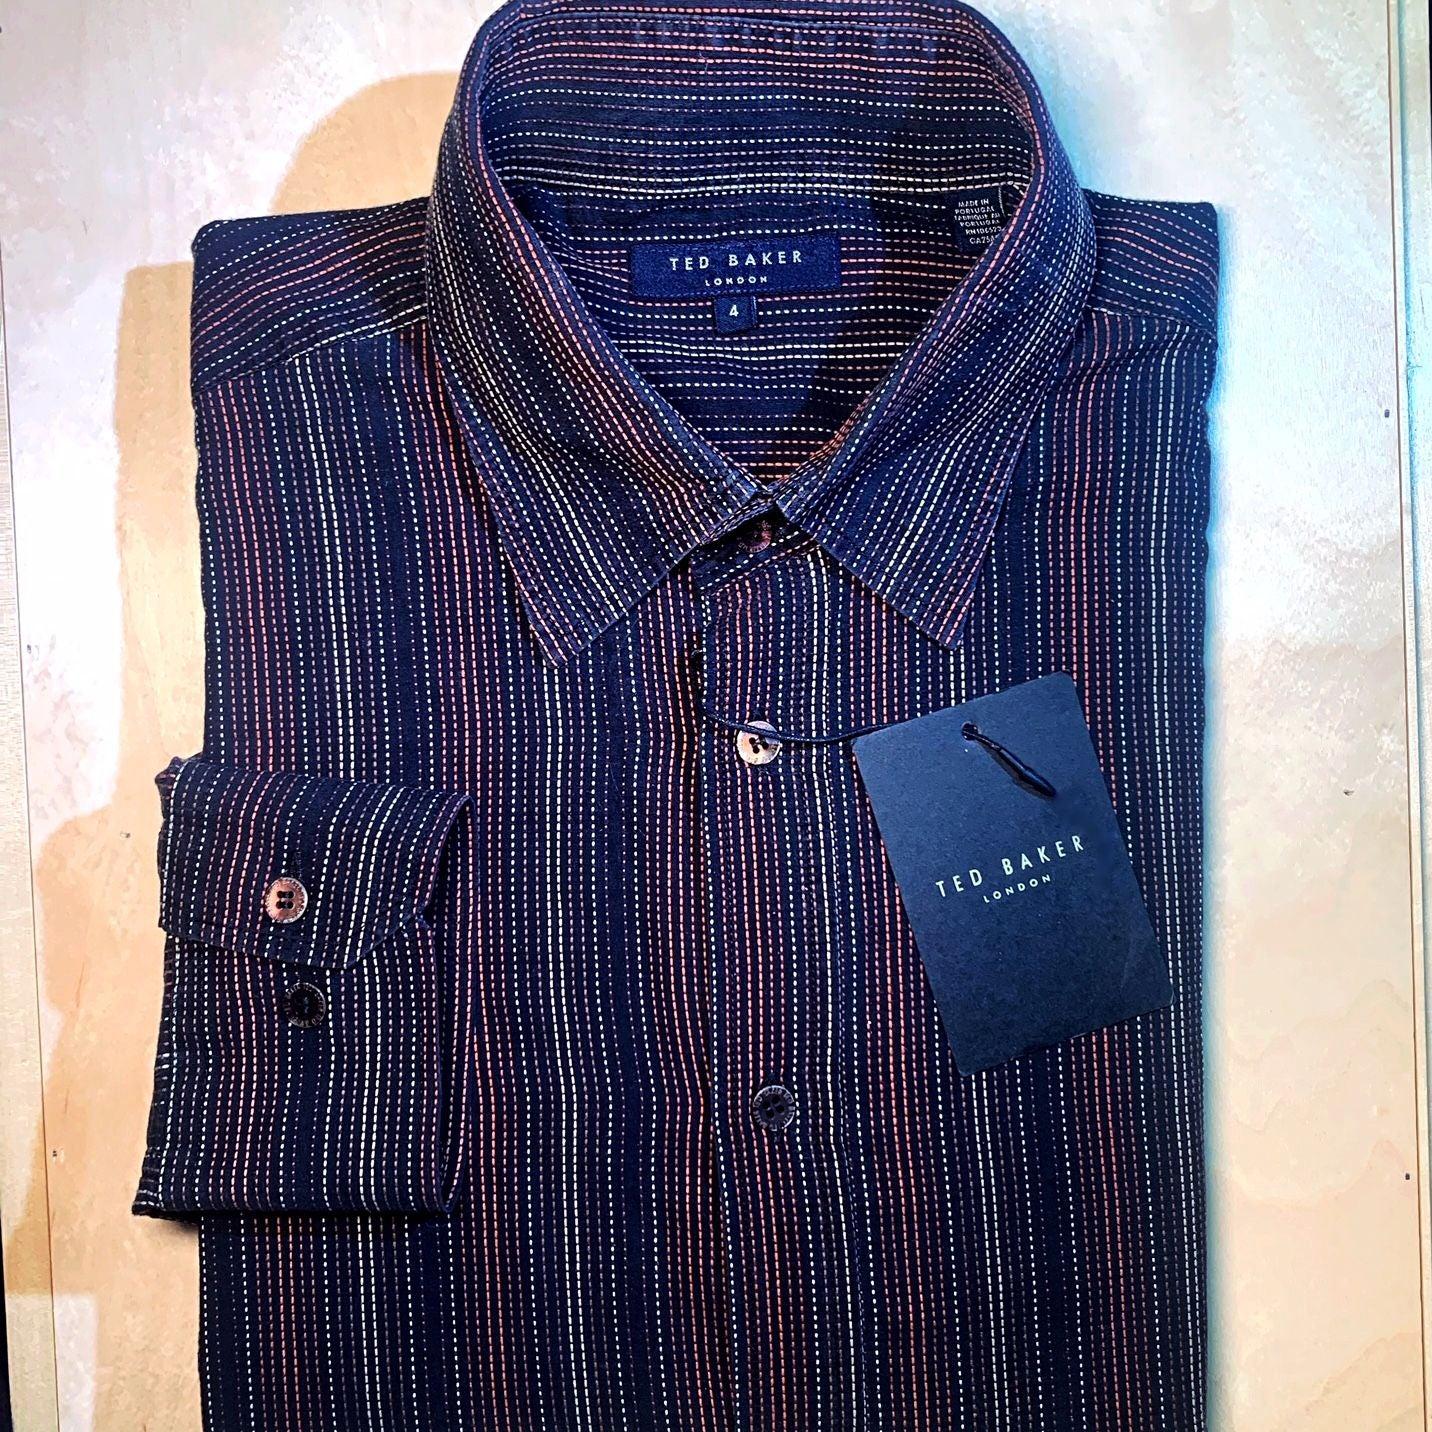 Ted Baker Men's Cotton Shirt, Sz 4 / L